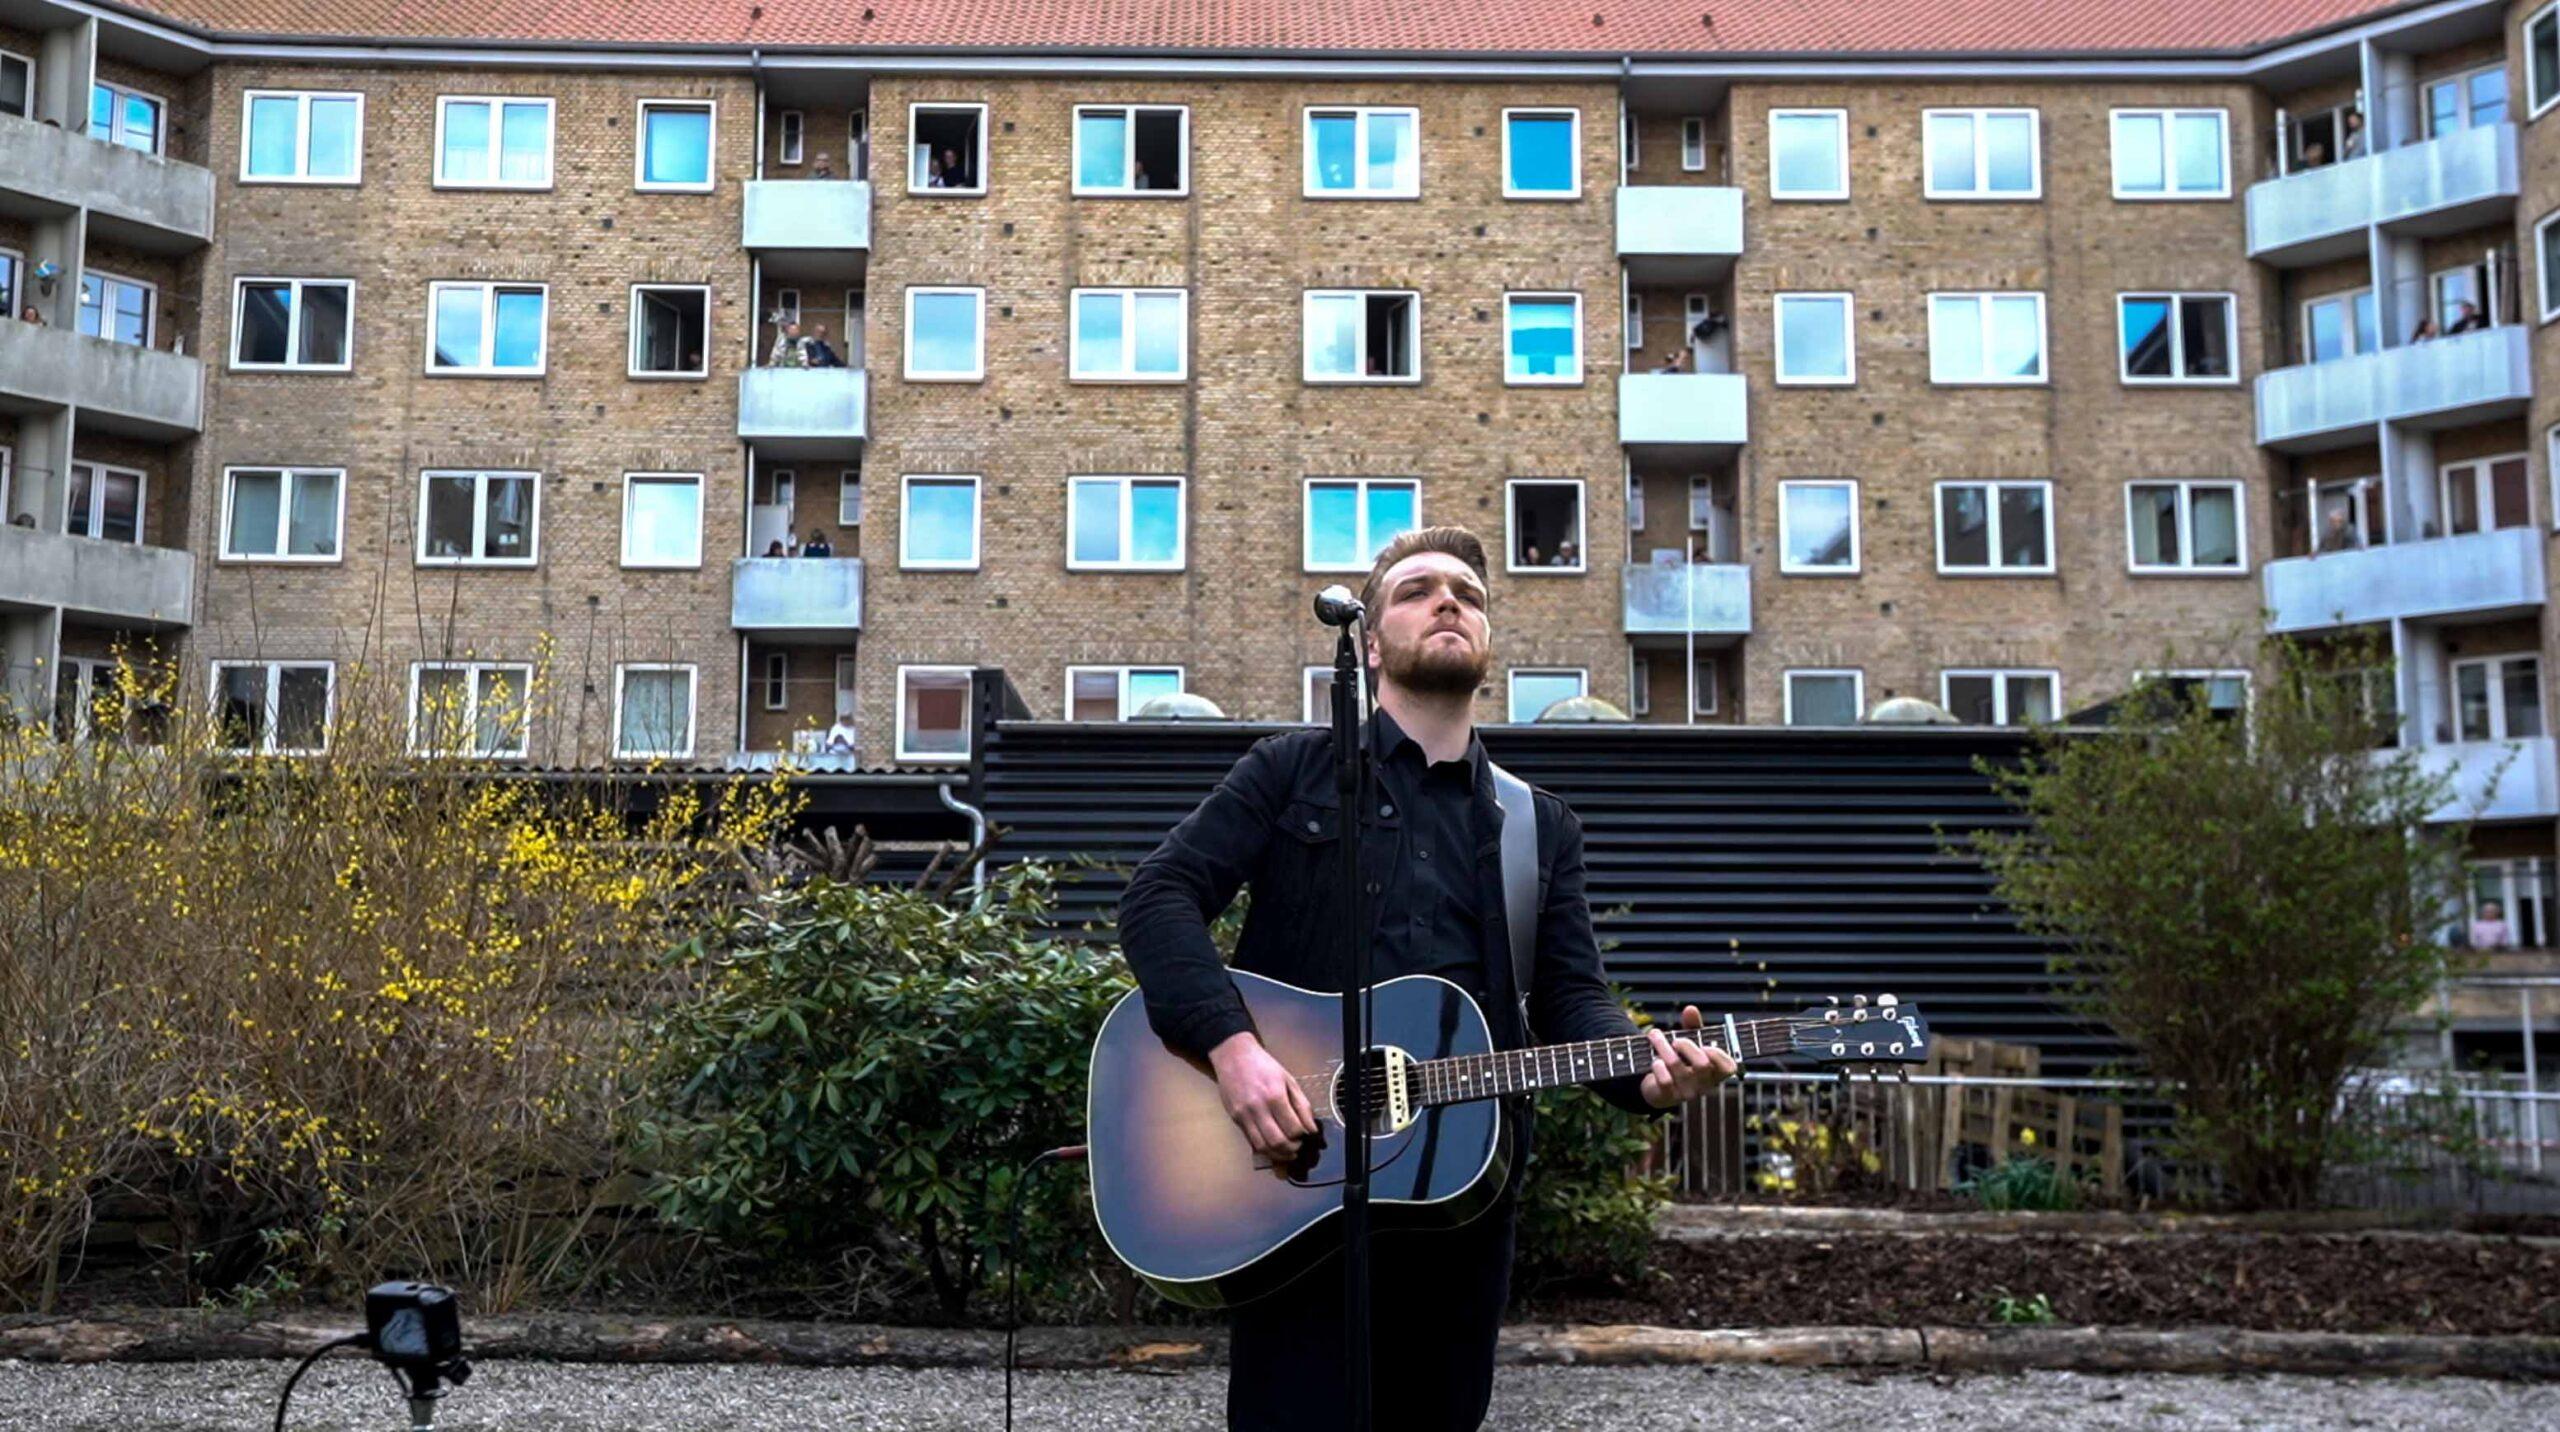 Krise styrker kreativiteten: Musikhuset Aarhus bringer musikken ud